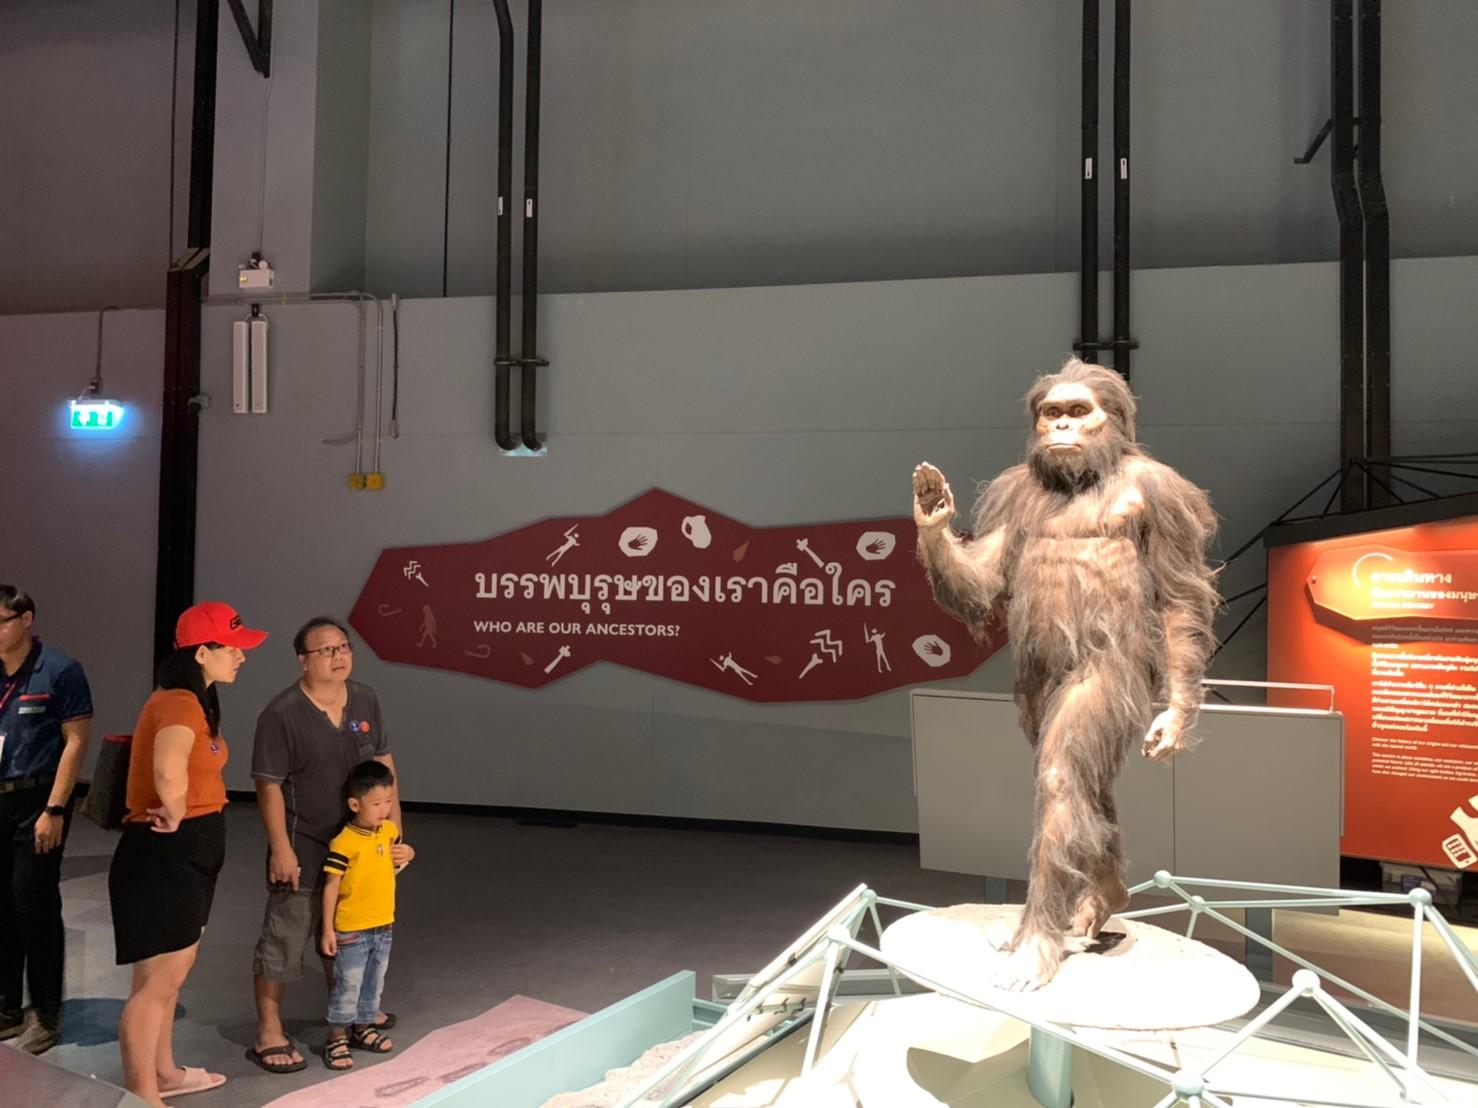 วิวัฒนาการมนุษย์ พิพิธภัณฑ์พระราม9